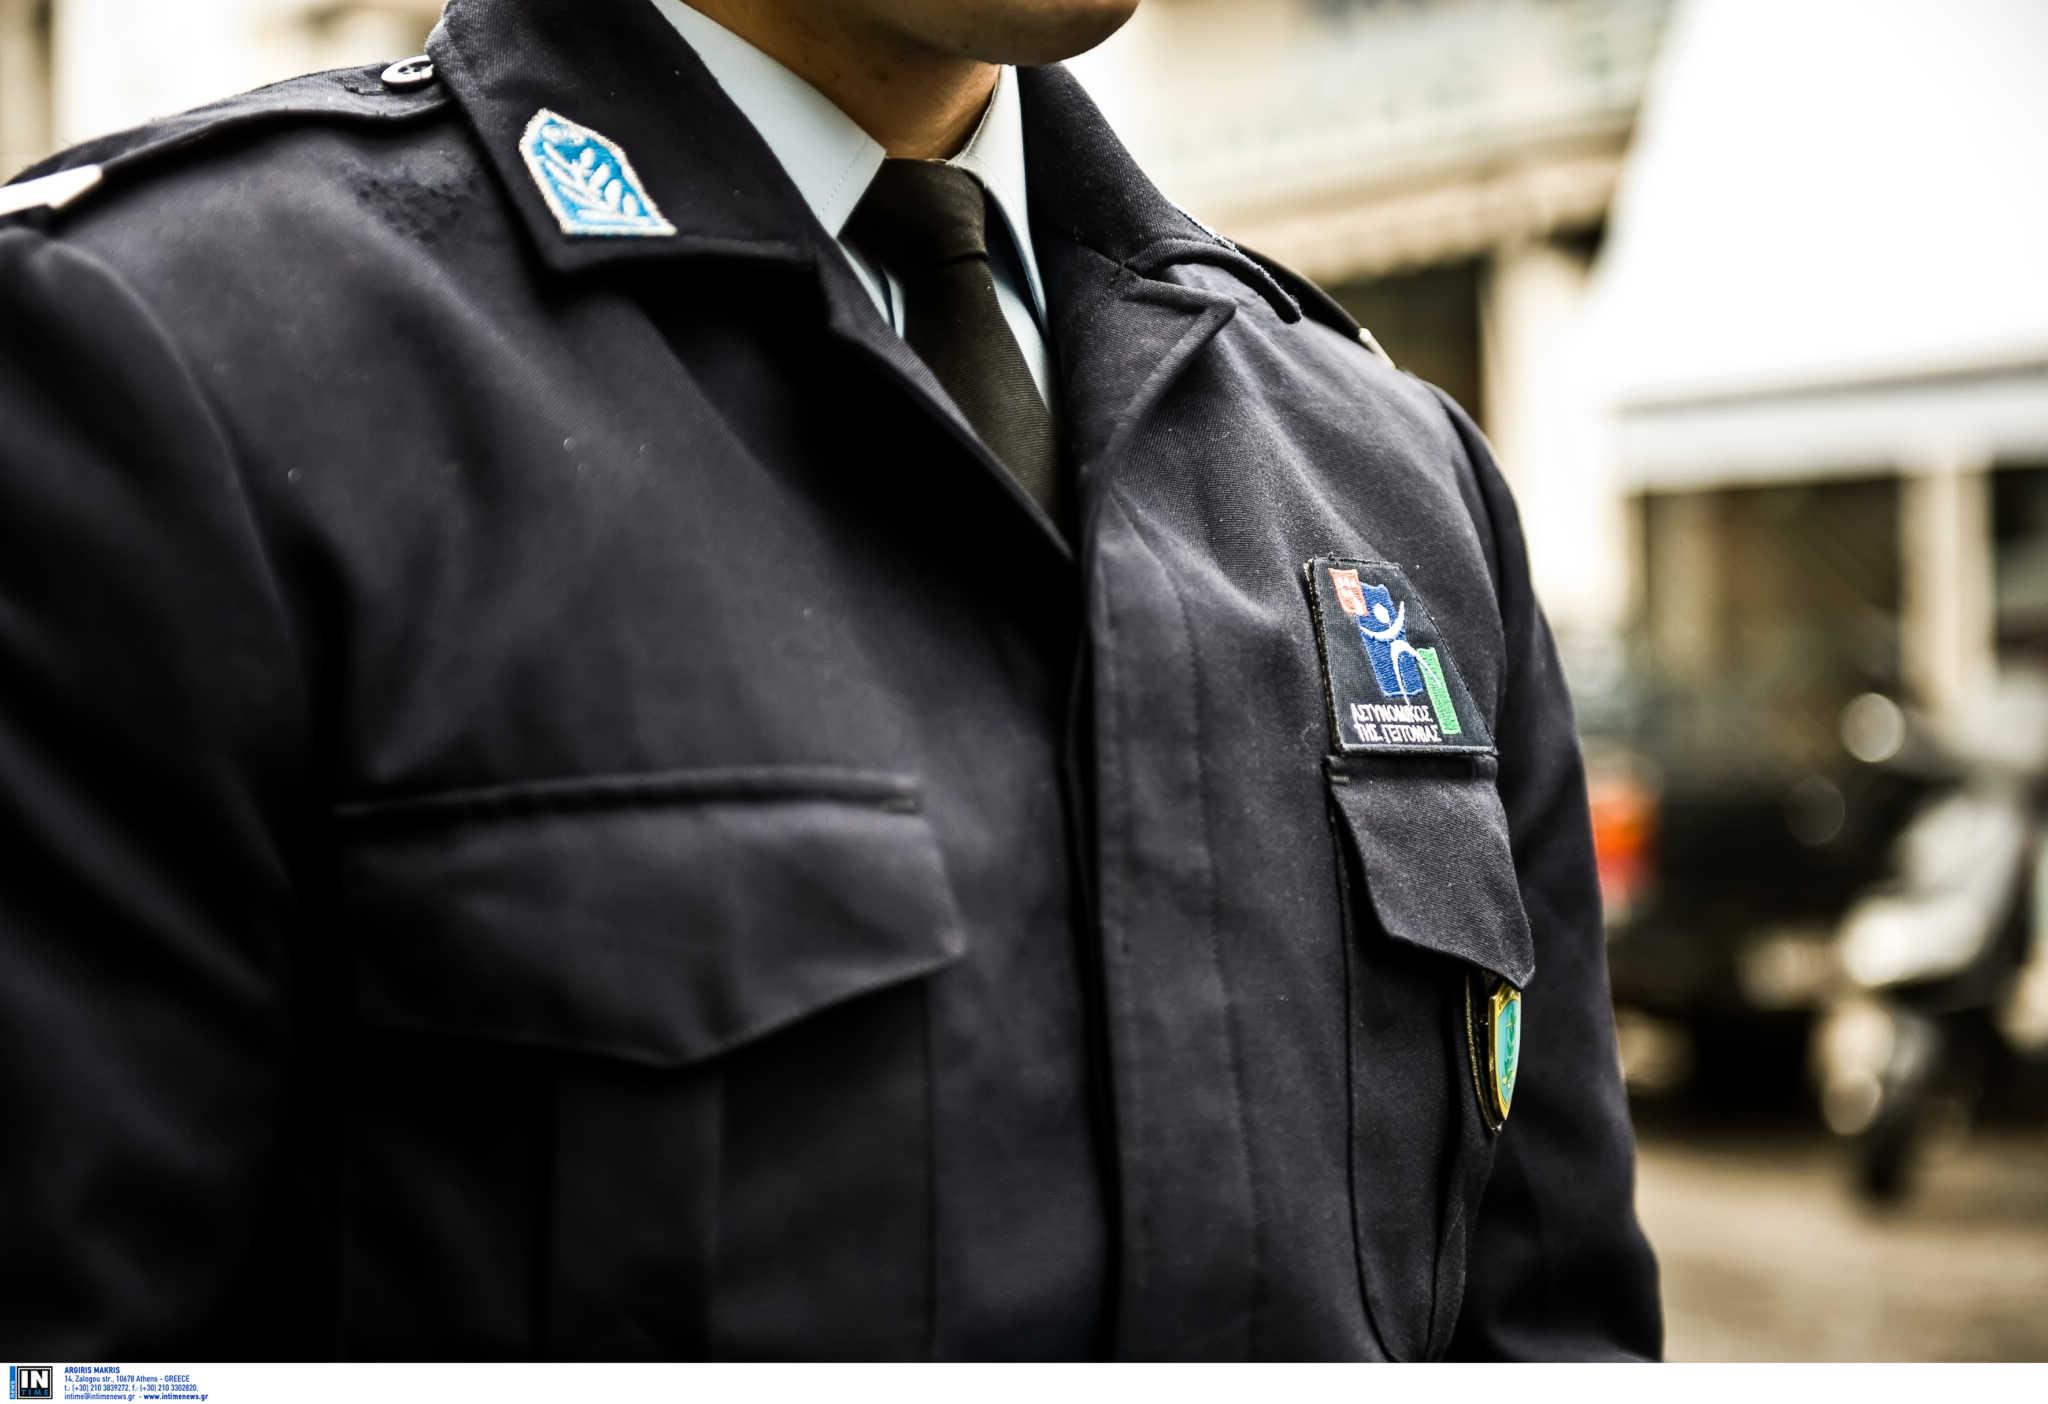 Θεσσαλονίκη: Πρόστιμο 5.000 ευρώ σε αστυνομικό που έσπασε την καραντίνα και έκανε βόλτες